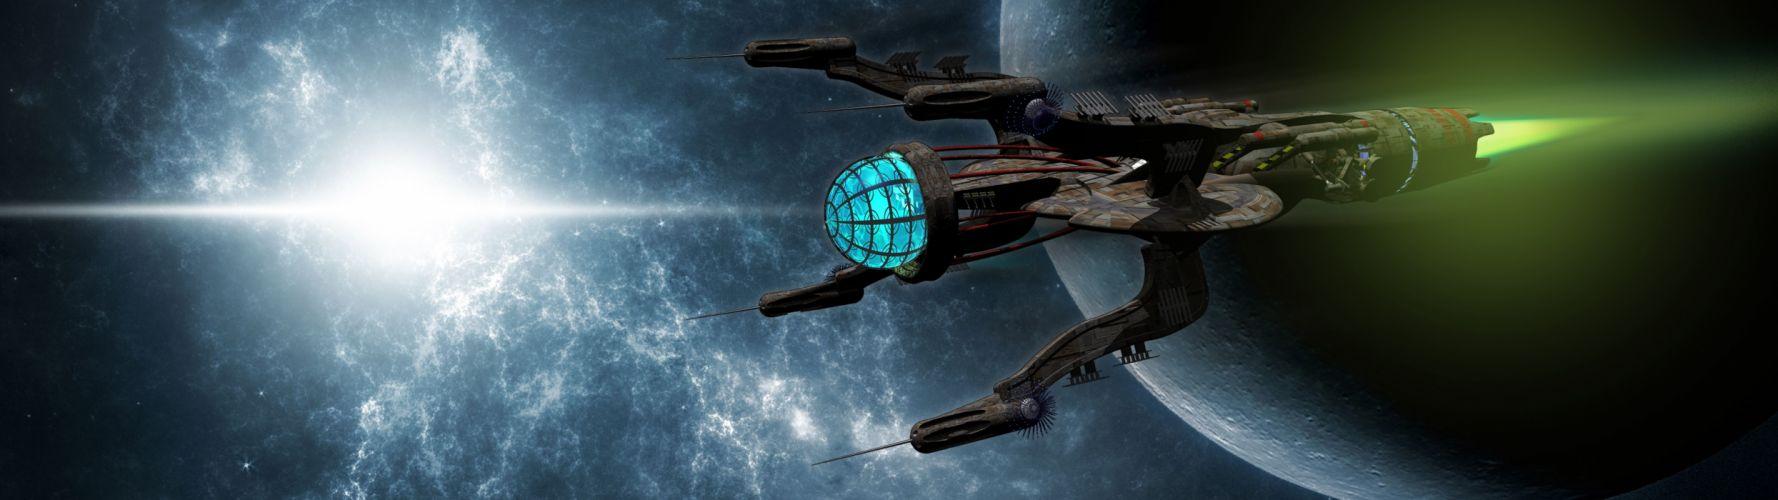 Space Ship (3840x1080) wallpaper